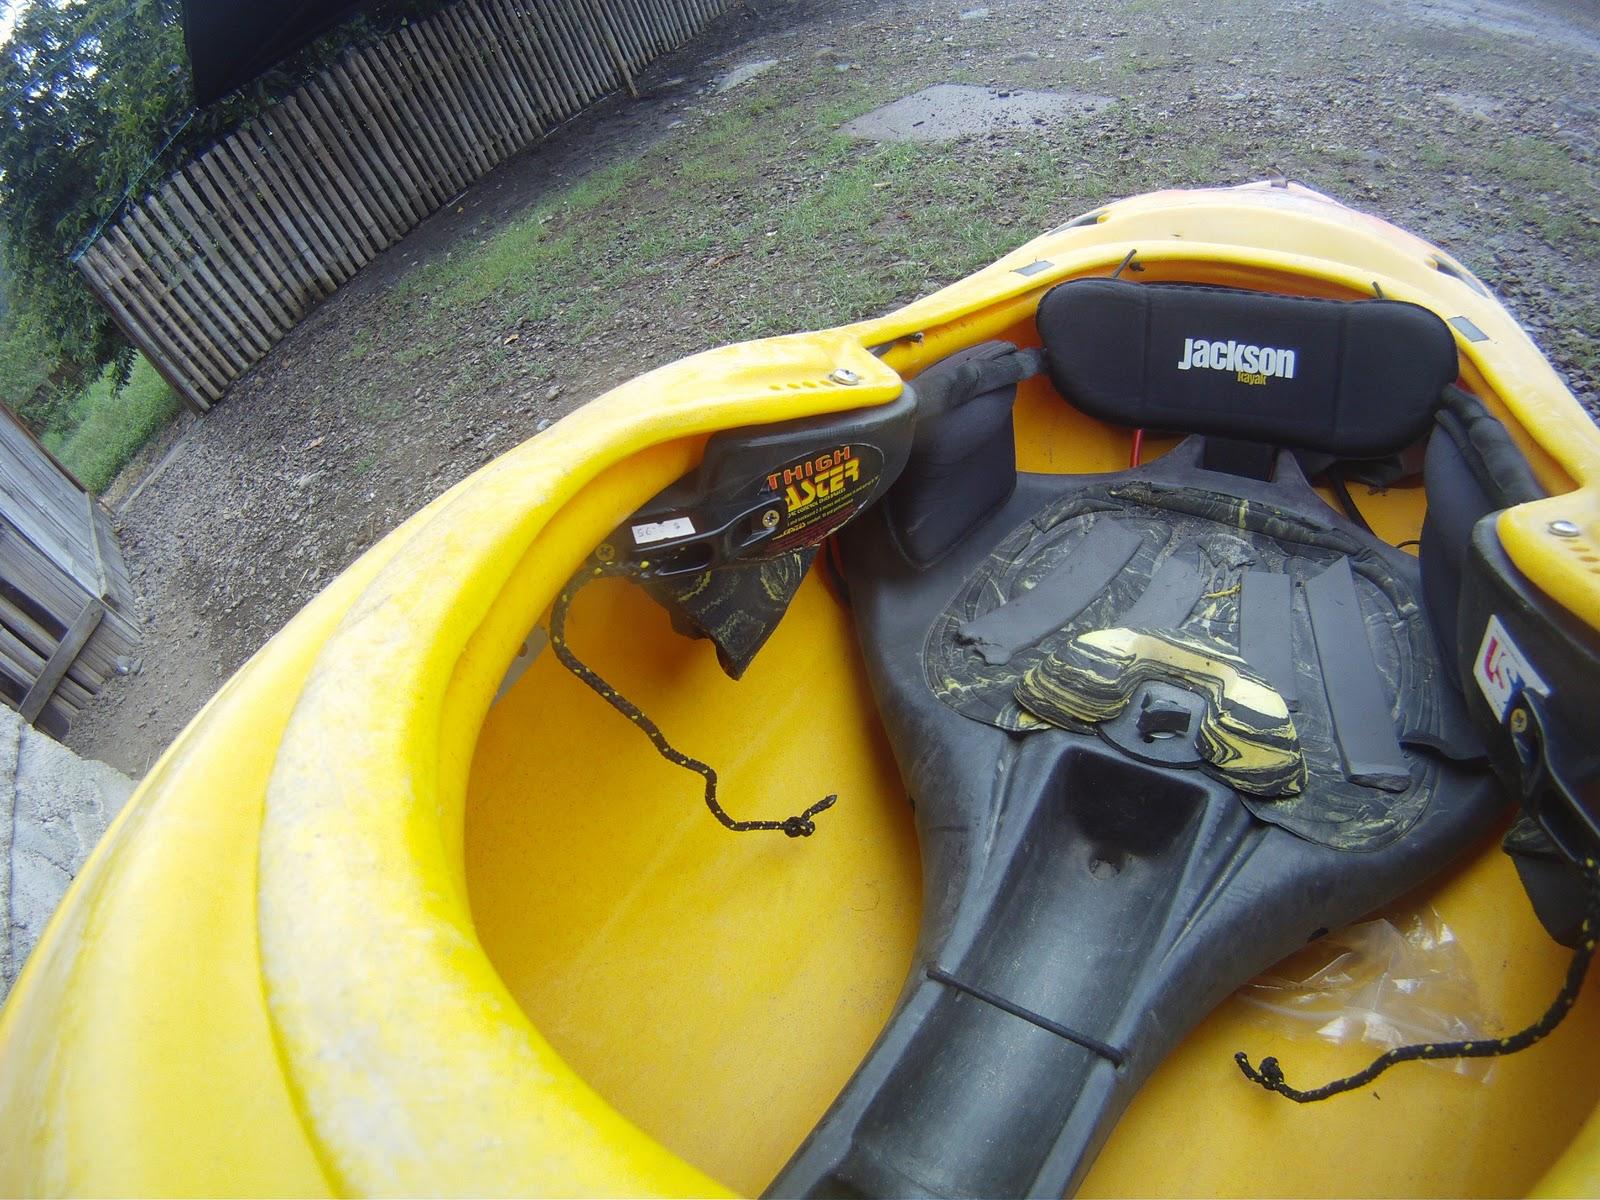 DIY Jackson Kayak Back band replacement  | Kayak Hot Dogs